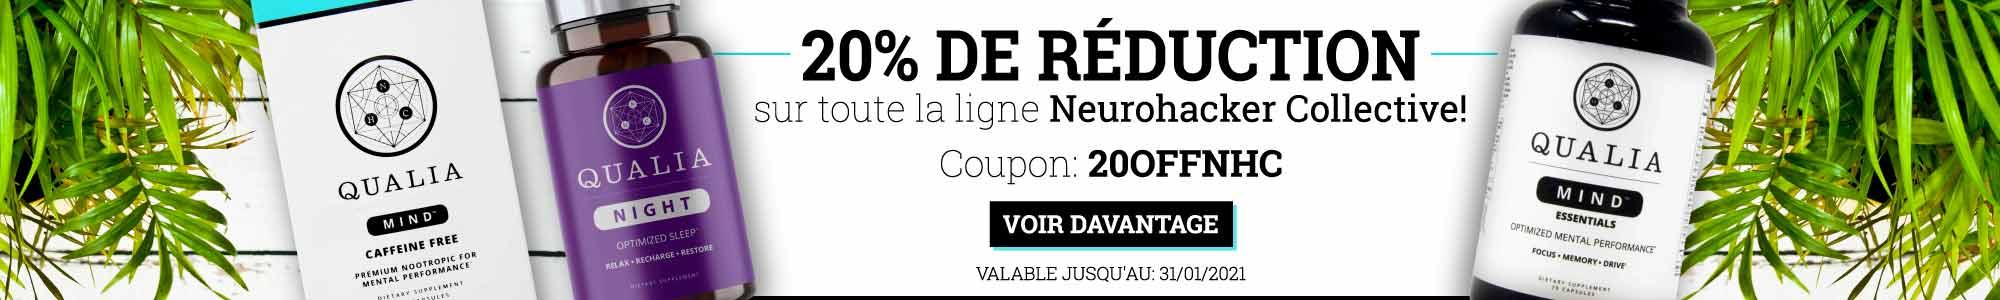 20% de réduction sur toute la ligne Neurohacker Collective. Coupon: 20offnhc Voir davantage. Valable jusqu'au 31/01/2021.